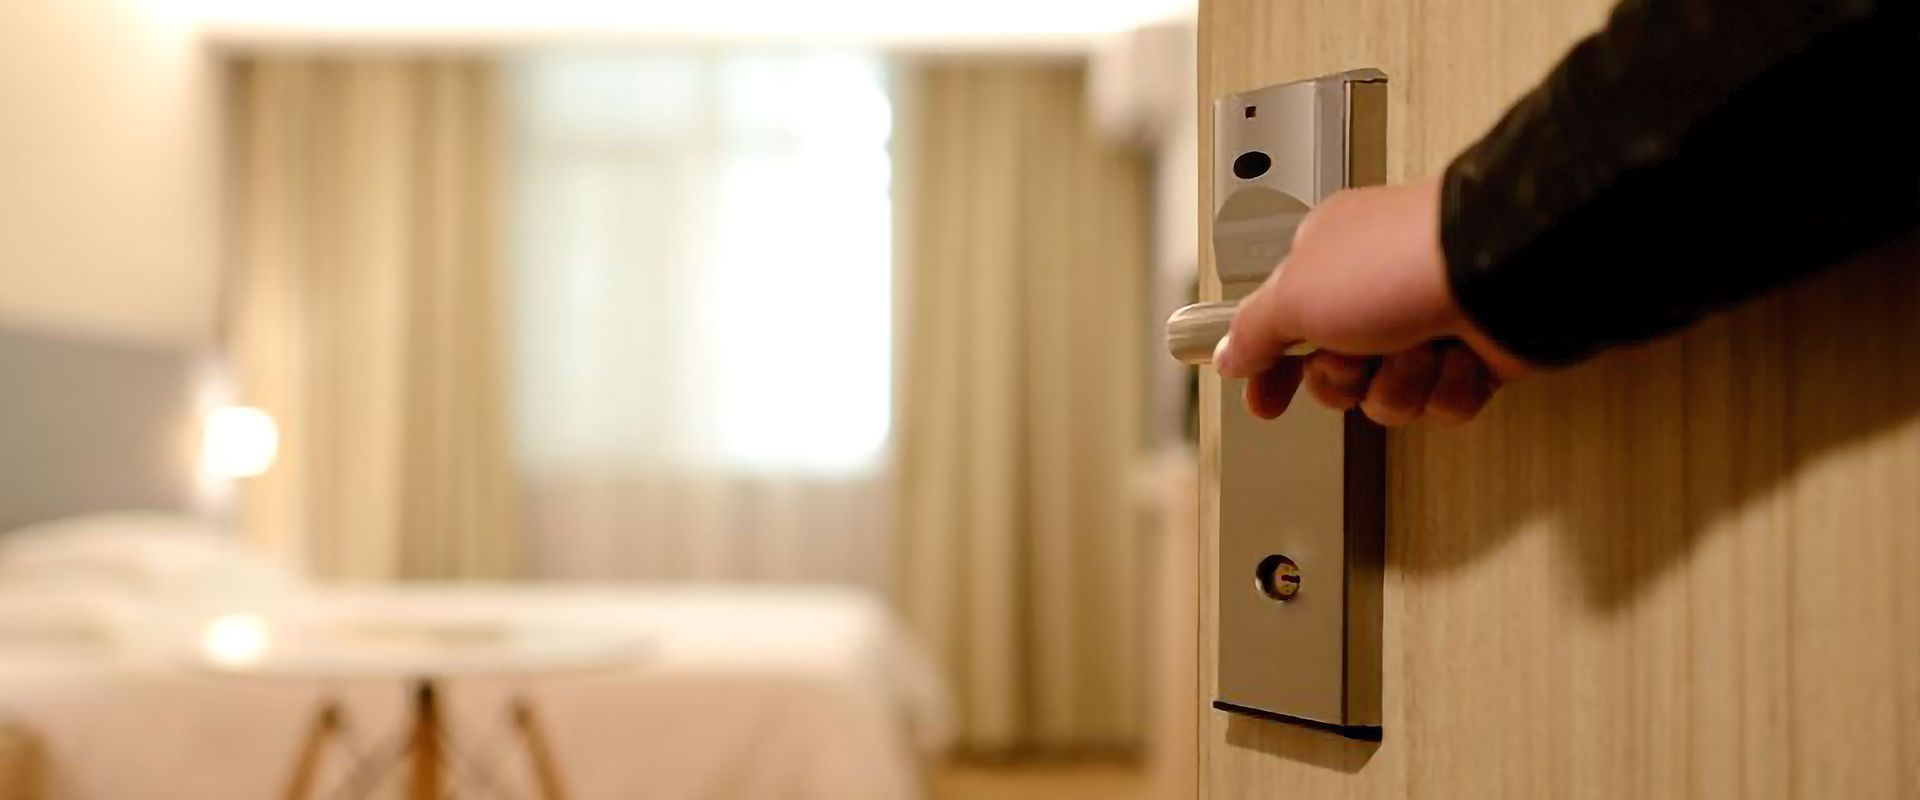 Sistema domotico completo per l'automazione di una camera d'albergo